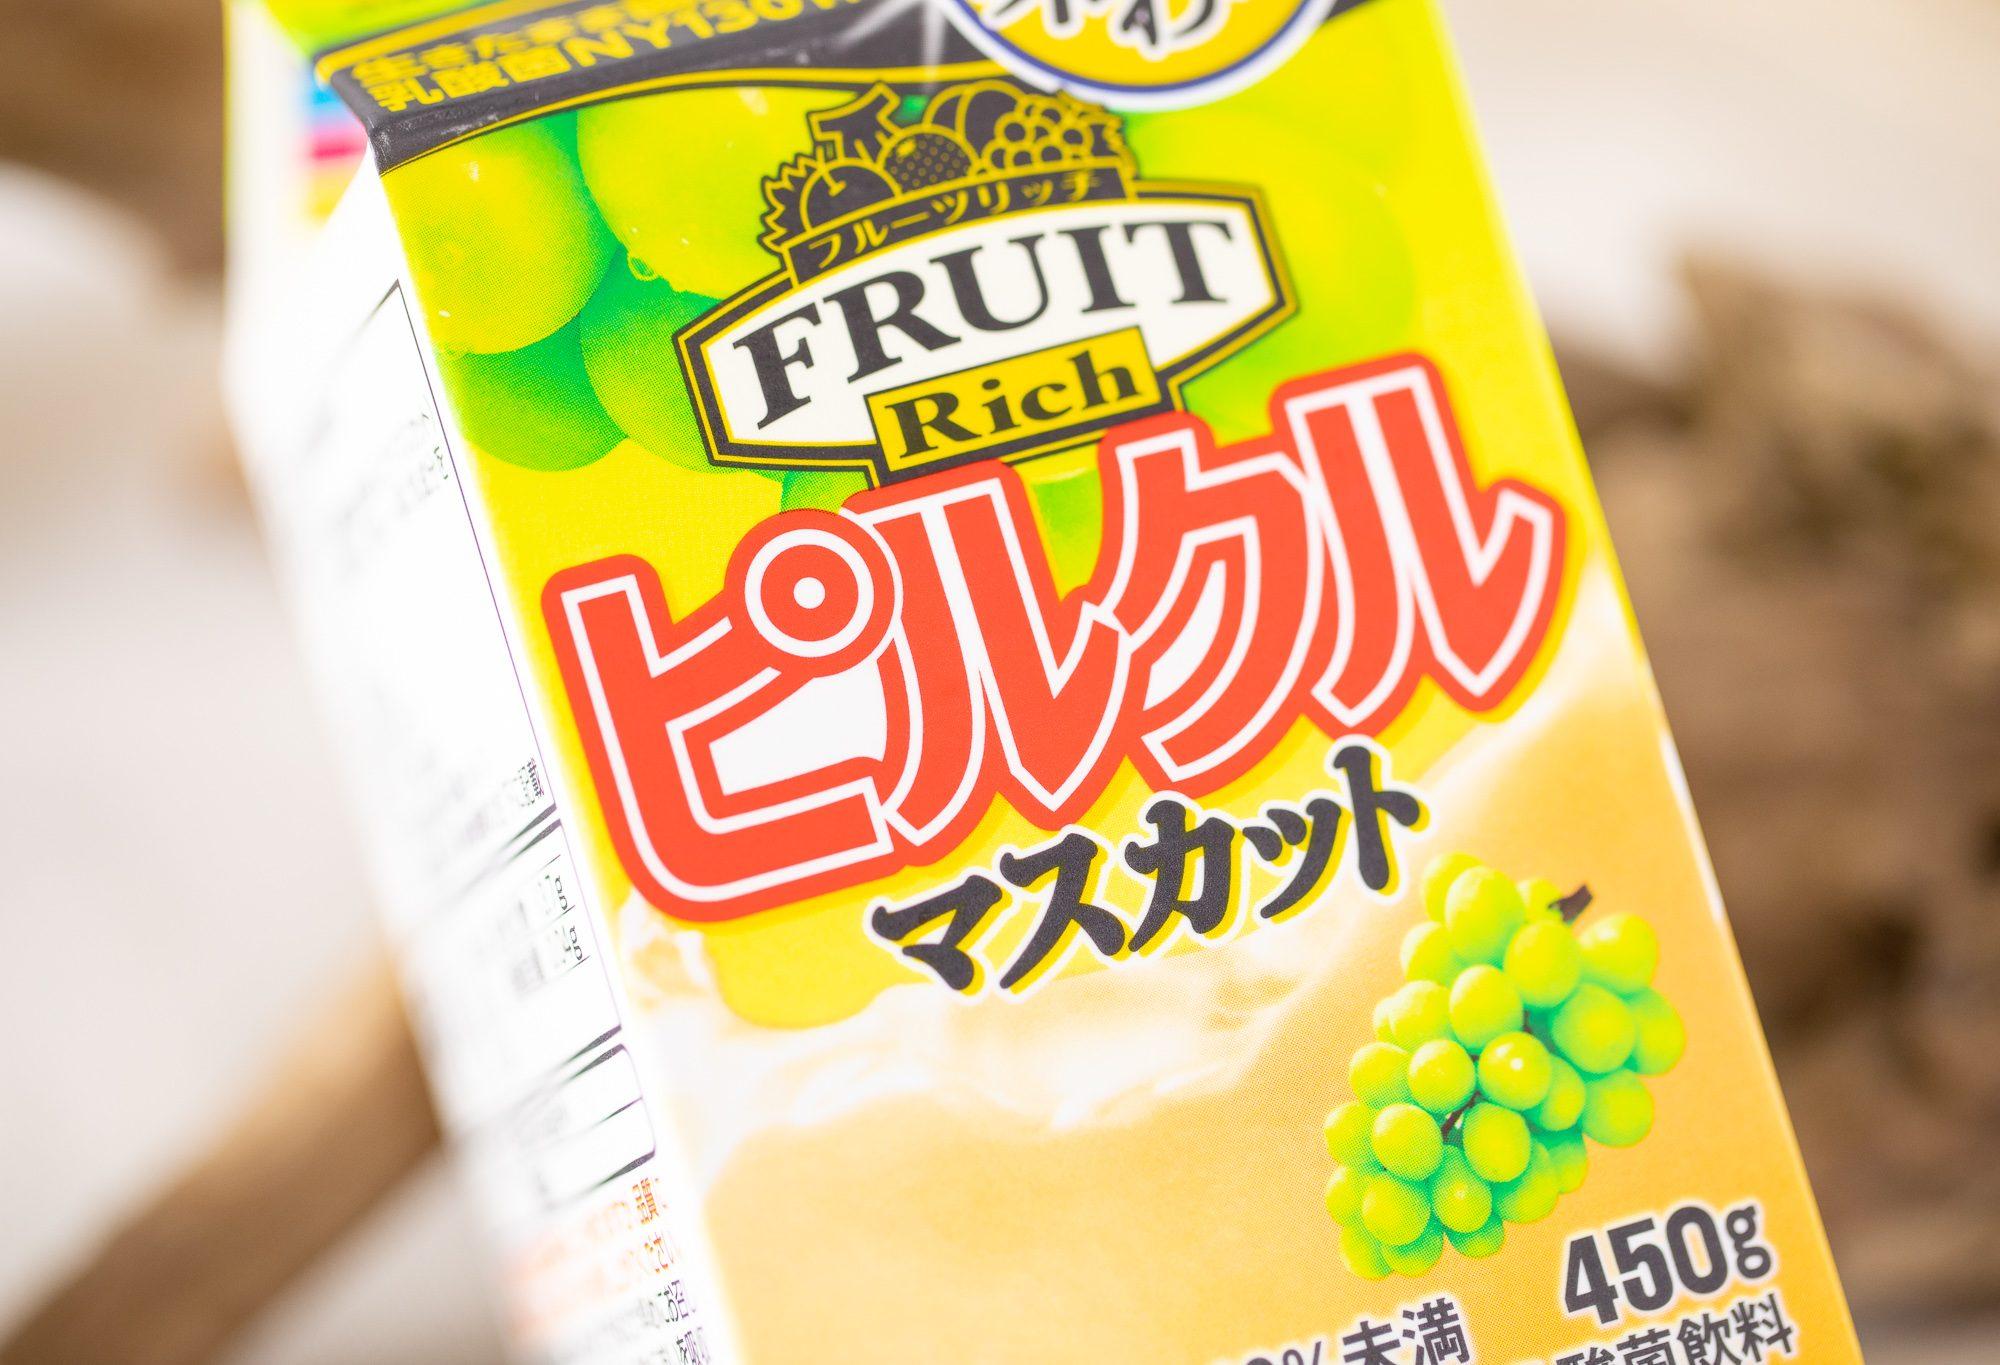 日清ヨーク『フルーツリッチ ピルクル マスカット』はリッチなマスカットの甘さとピルクルの優しい酸味のバランスに優れた乳製品乳酸菌飲料!